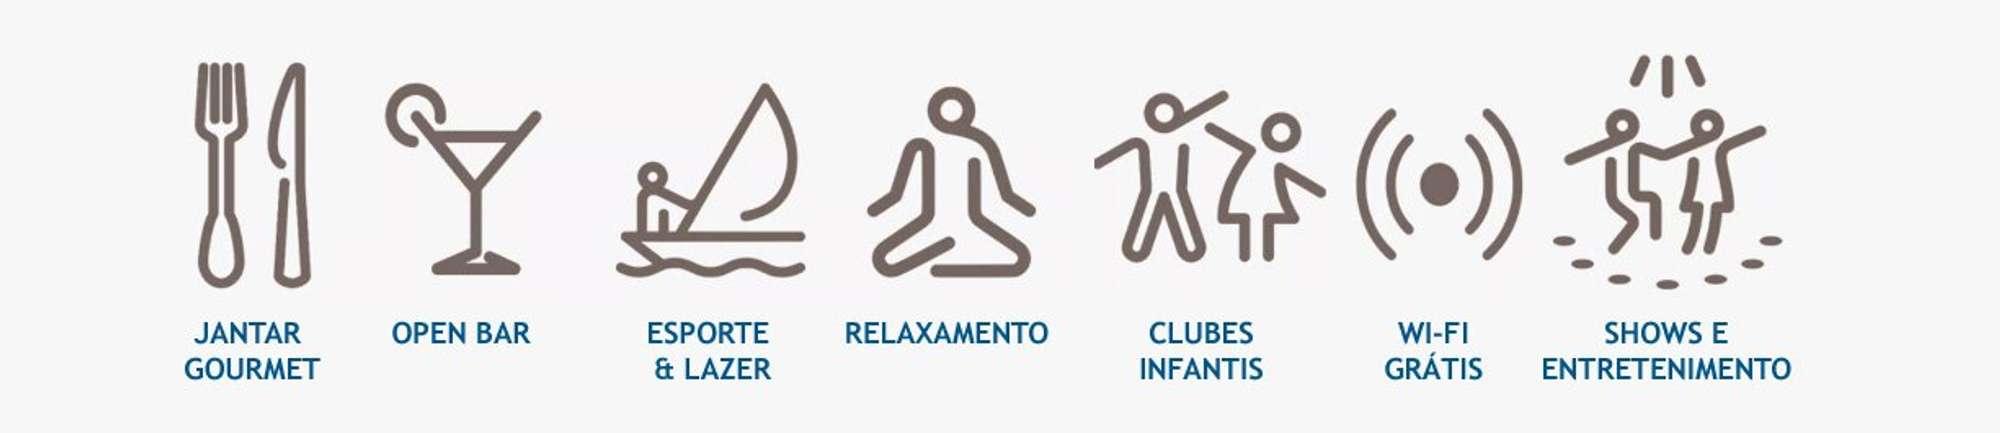 Uma estada All Inclusive no Club Med